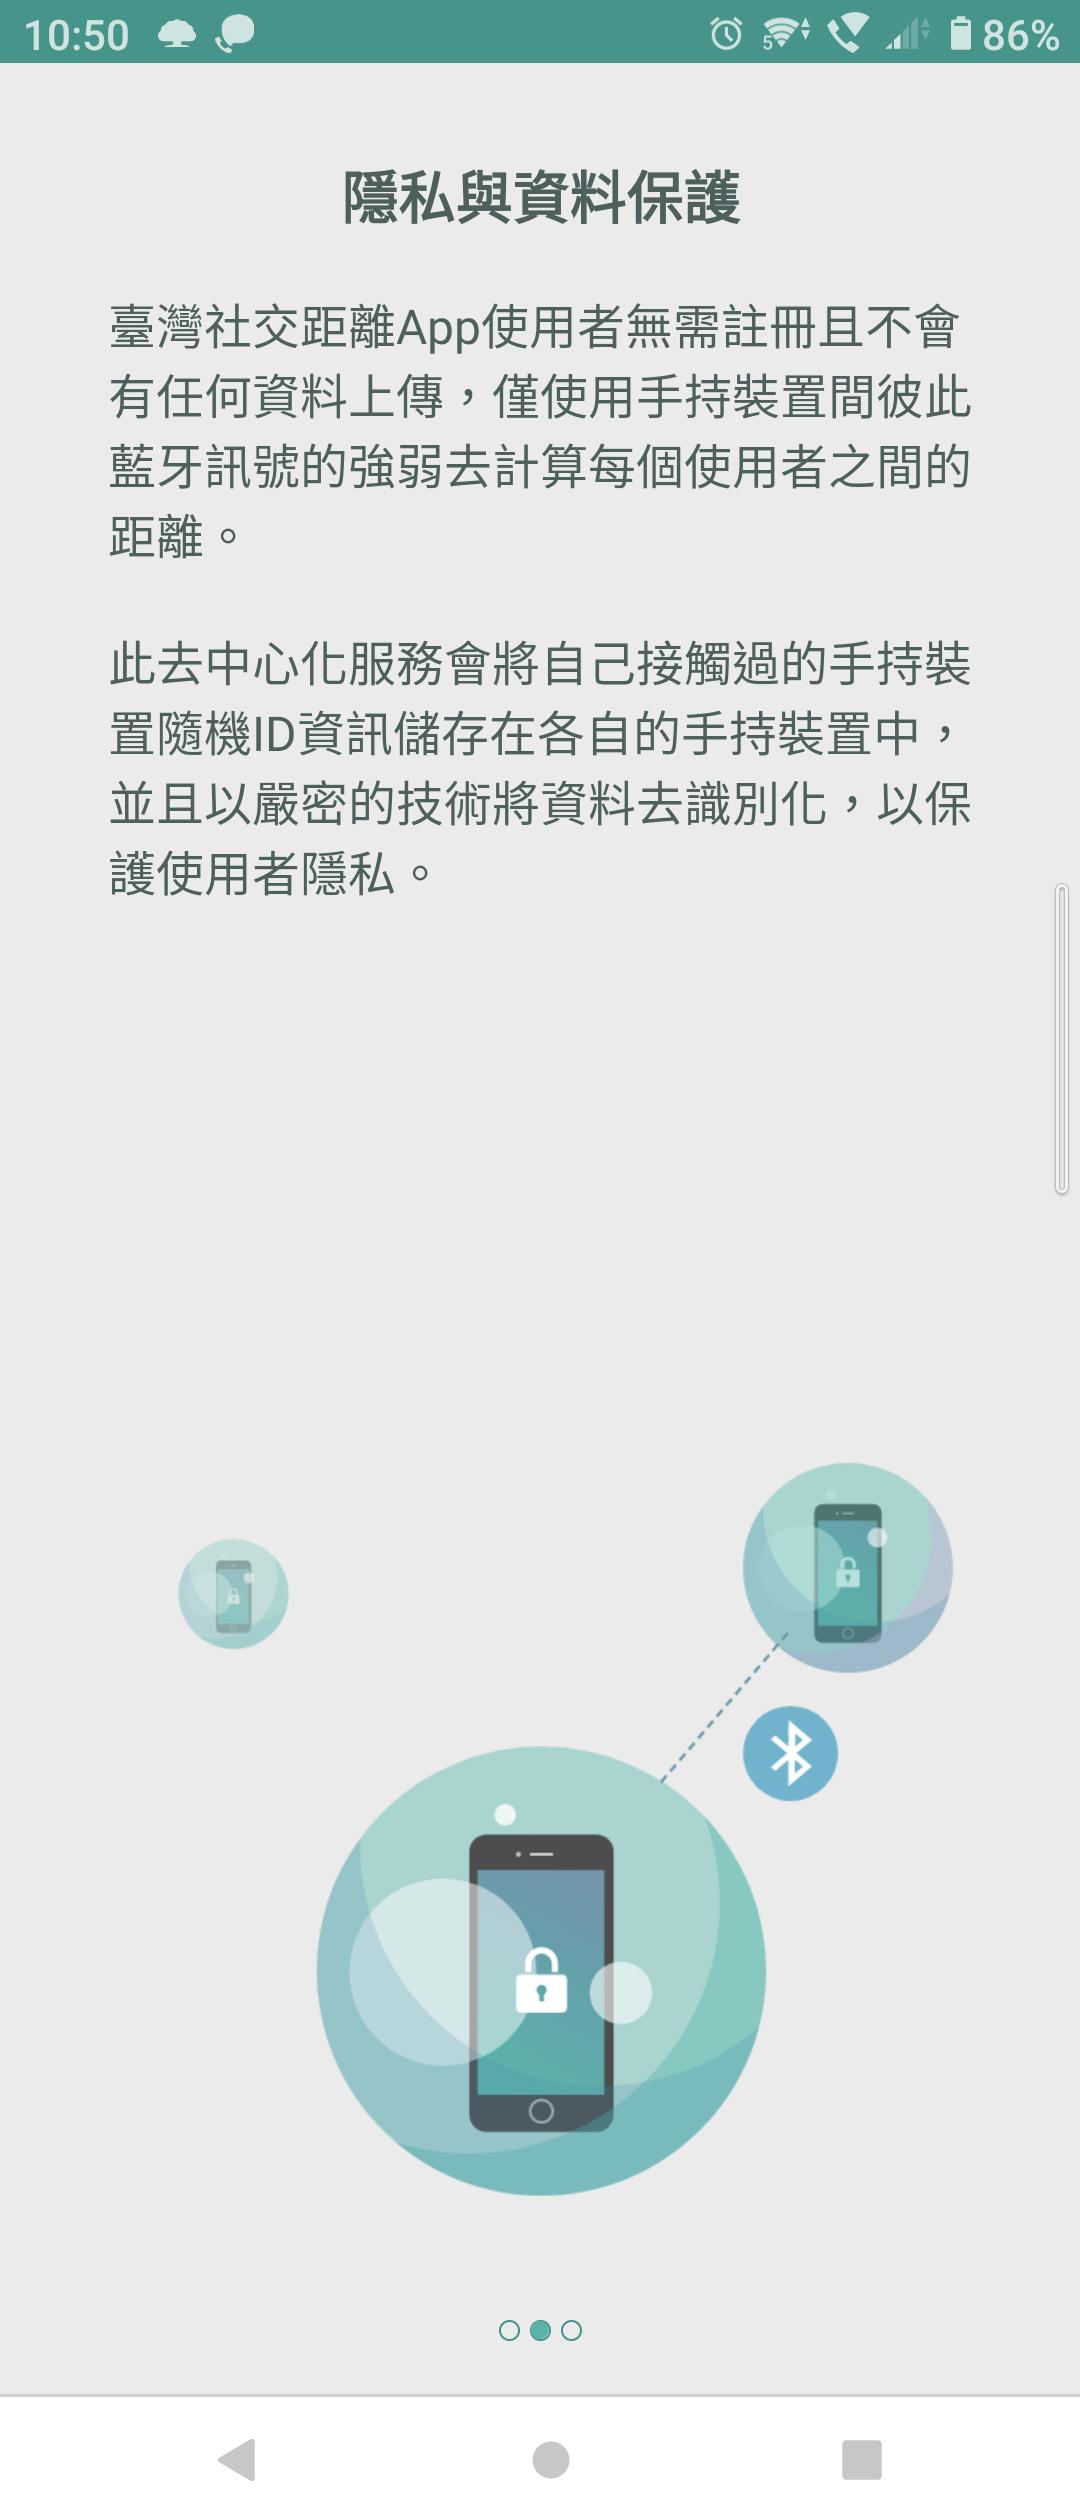 啟用科技防疫!台灣社交距離 APP 快速上手  - 4